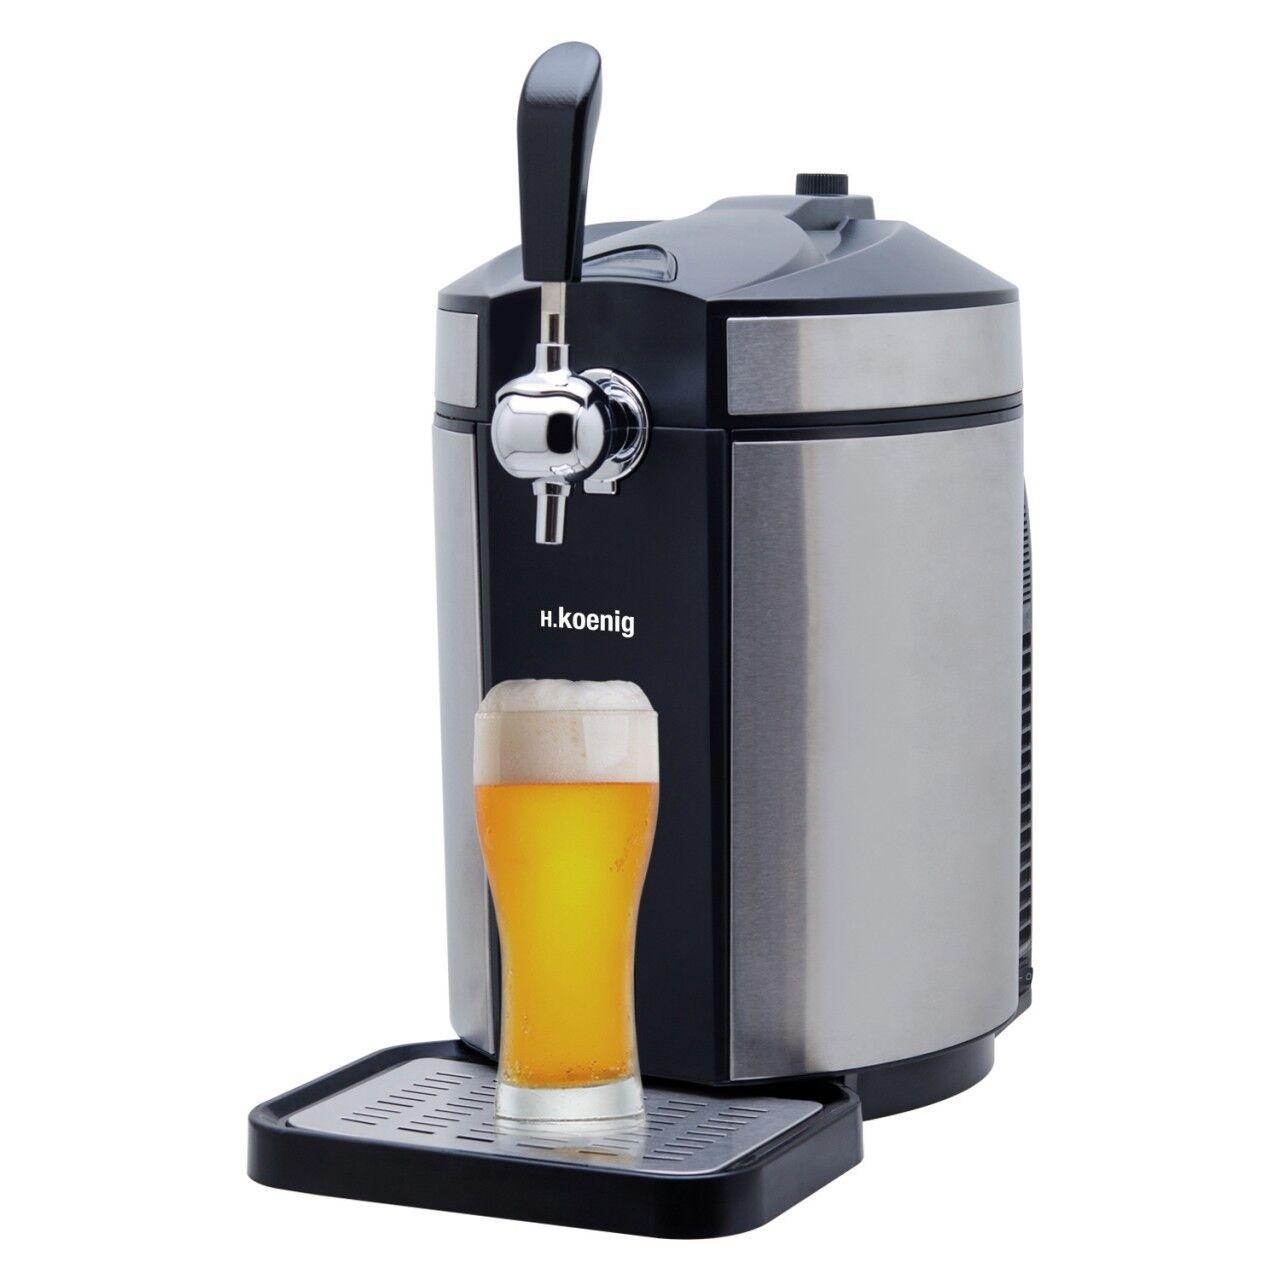 Premium Beer Dispensing Line 5L Bierfässern H.Koenig Bw1880